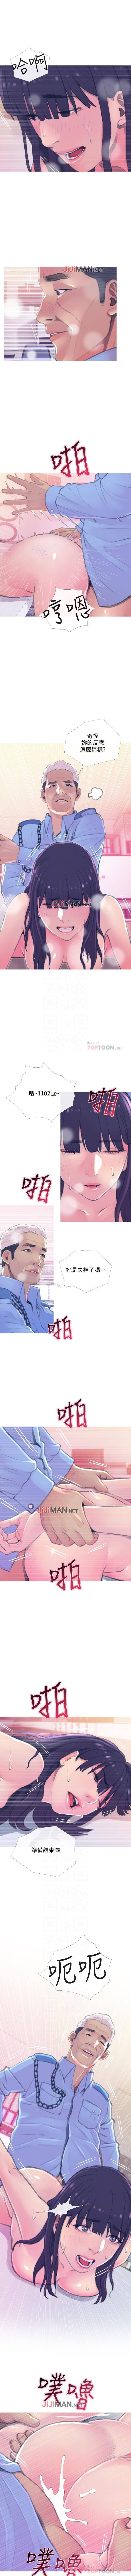 【周五连载】主妇危机(作者:查爾斯&漢水) 第1~26话 100